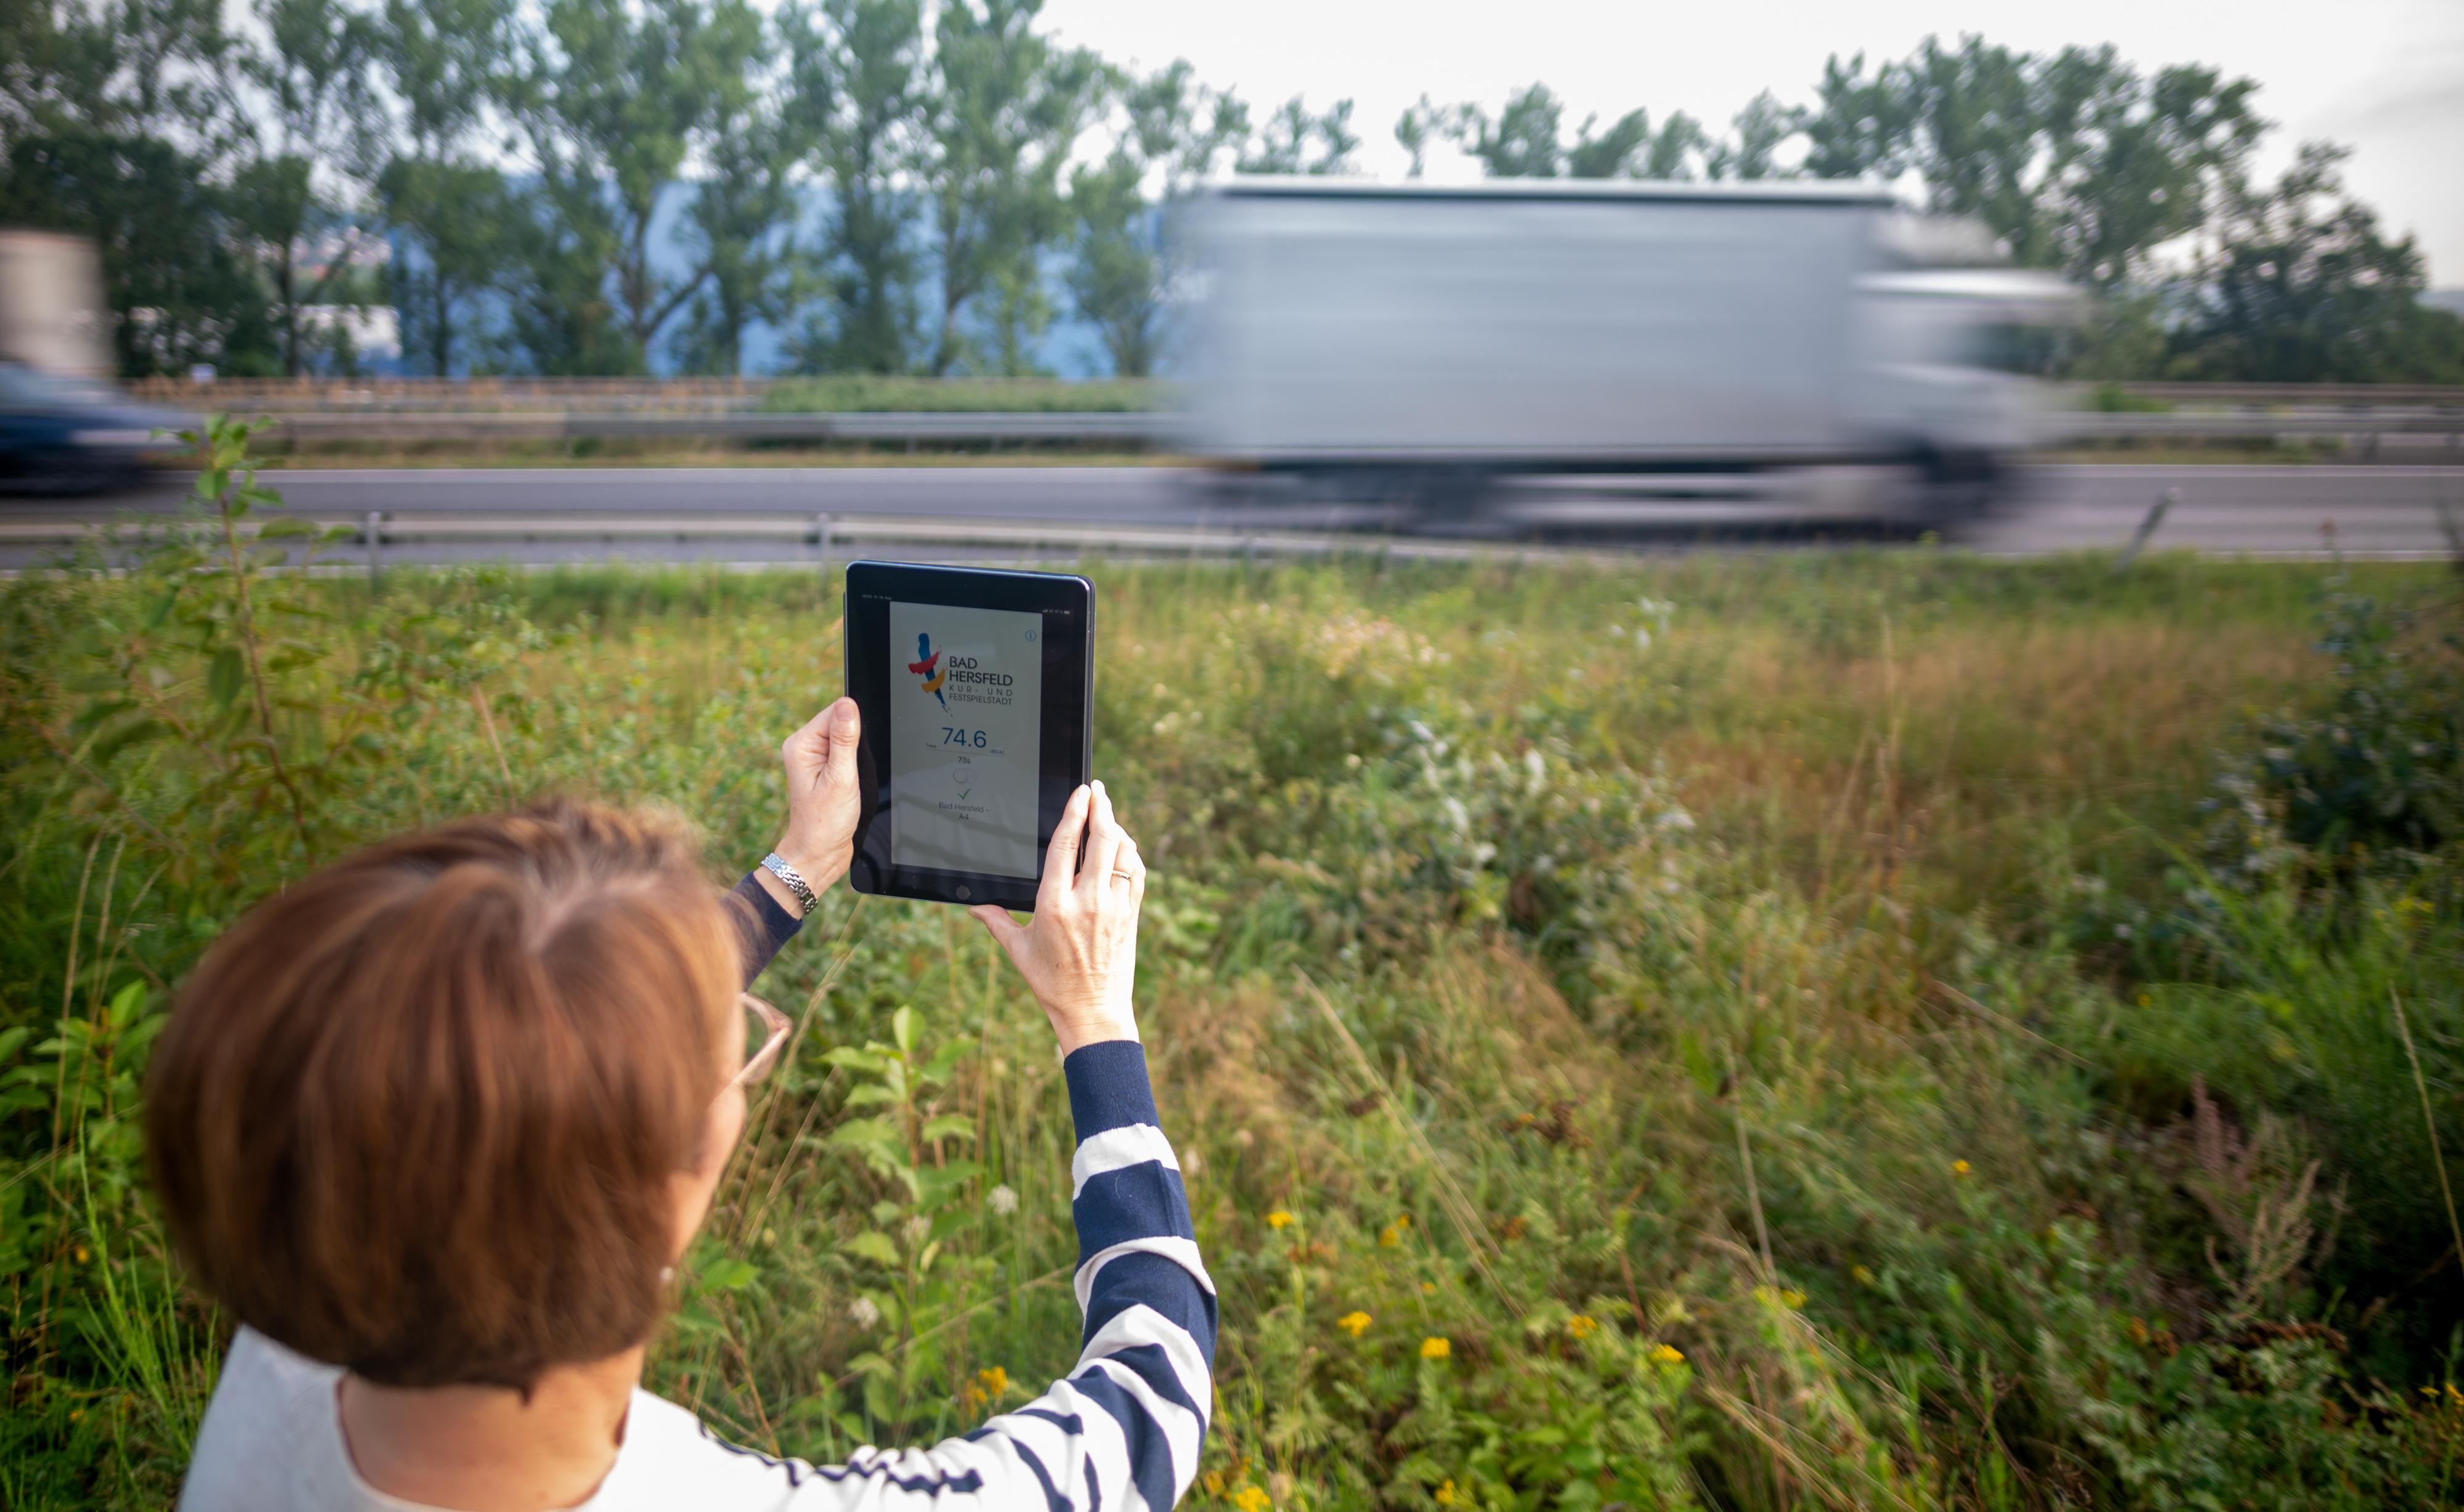 Die Bad Hersfelderin Katja Sippel hält ihr Tablet in die Luft und misst mit einer App den Verkehrslärm an der A4. Frau Sippel ist in der unteren Hälfte des Bildes, in der oberen Hälfte sind die verschwommenen Konturen eines vorbeifahrenden LKWs.